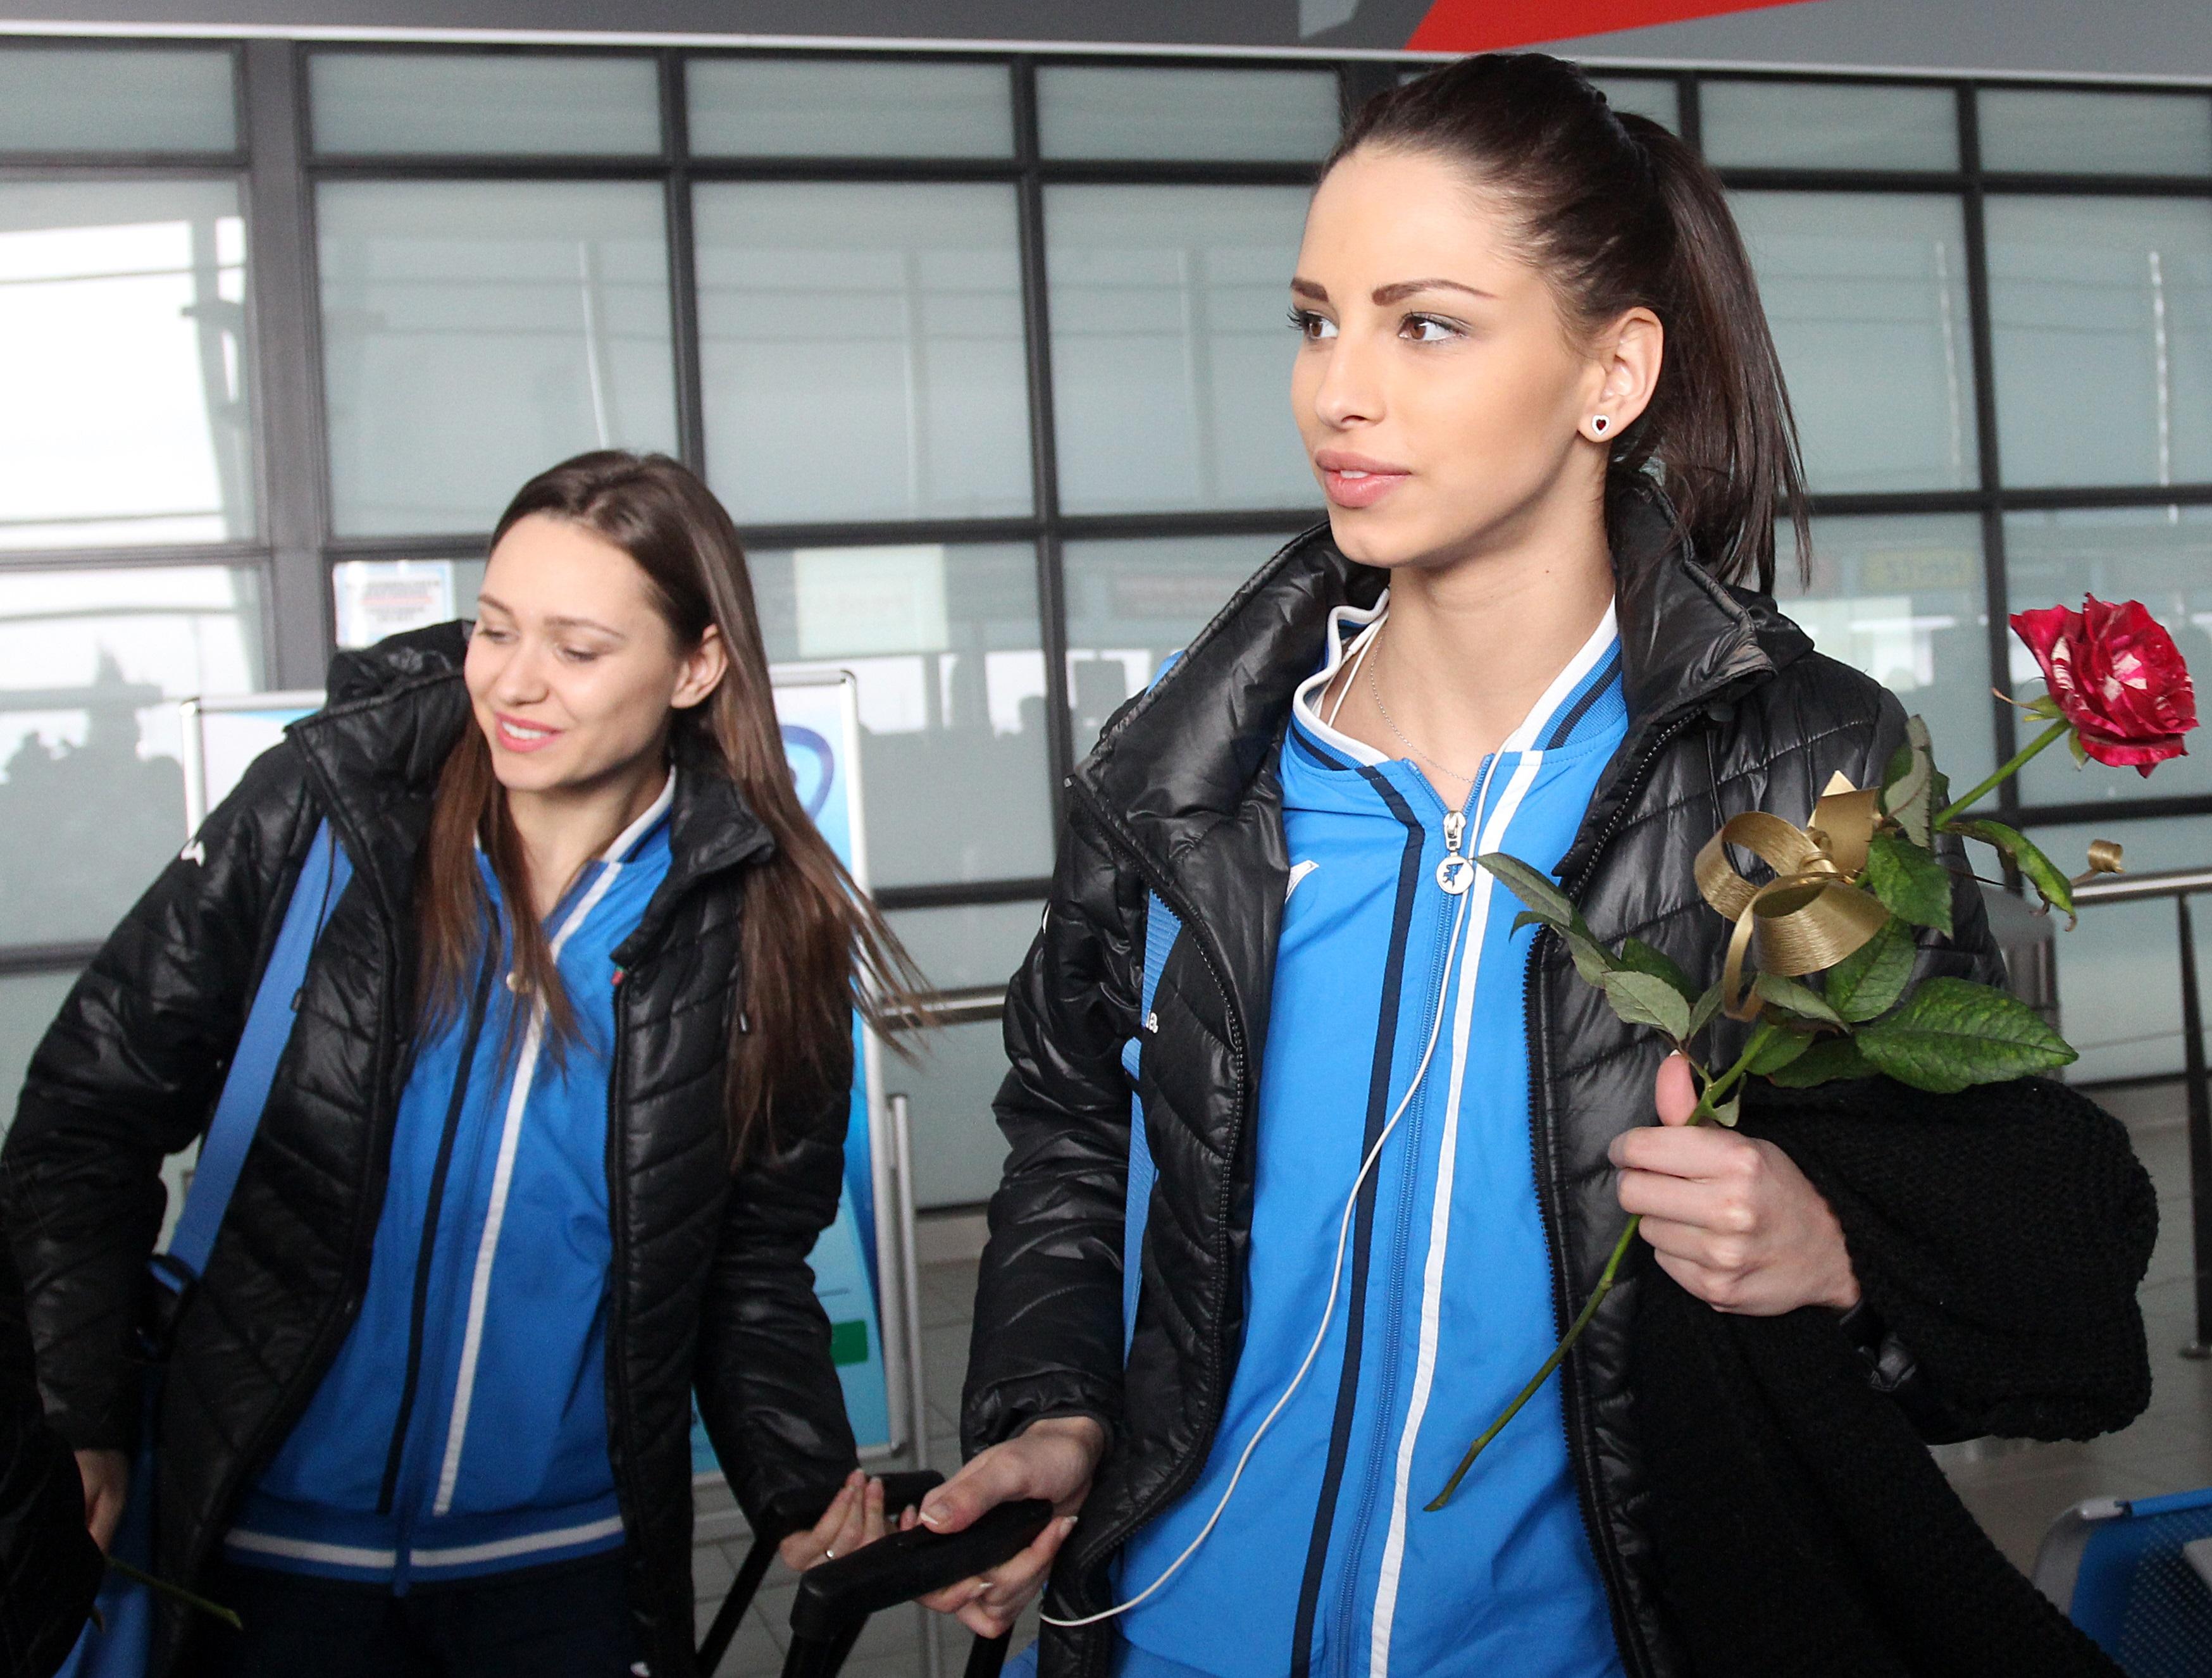 """Eдна от най-добрите състезателки от националния ансамбъл на България и любимка на феновете – Цветелина Стоянова, е в """"Пирогов"""". 21-годишната гимнастичка е приета по спешност около 14:00 часа днес в шокова зала, в съзнание, но в изключително тежко състояние. Тя е паднала от 6-я етаж на жилищна сграда. Става въпрос за блок 319 в кв. Надежда."""